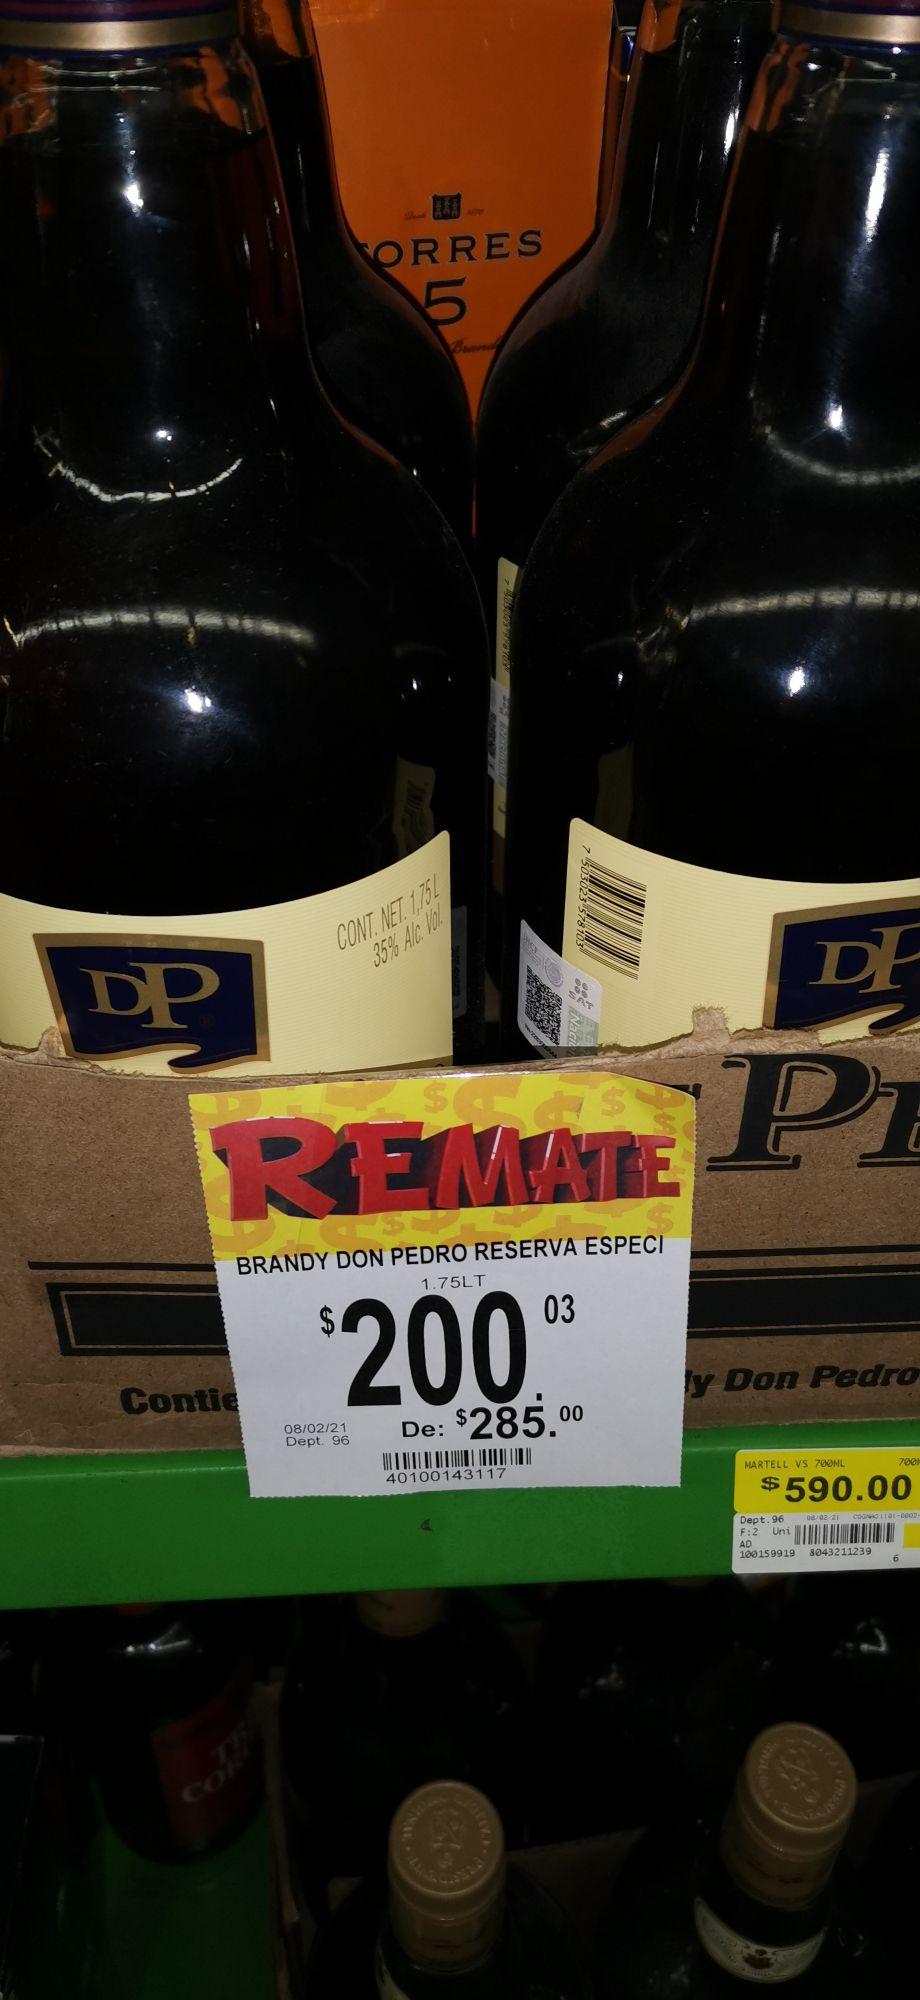 Bodega Aurrera Brandy Don Pedro 1.75 lts en 200 pesos